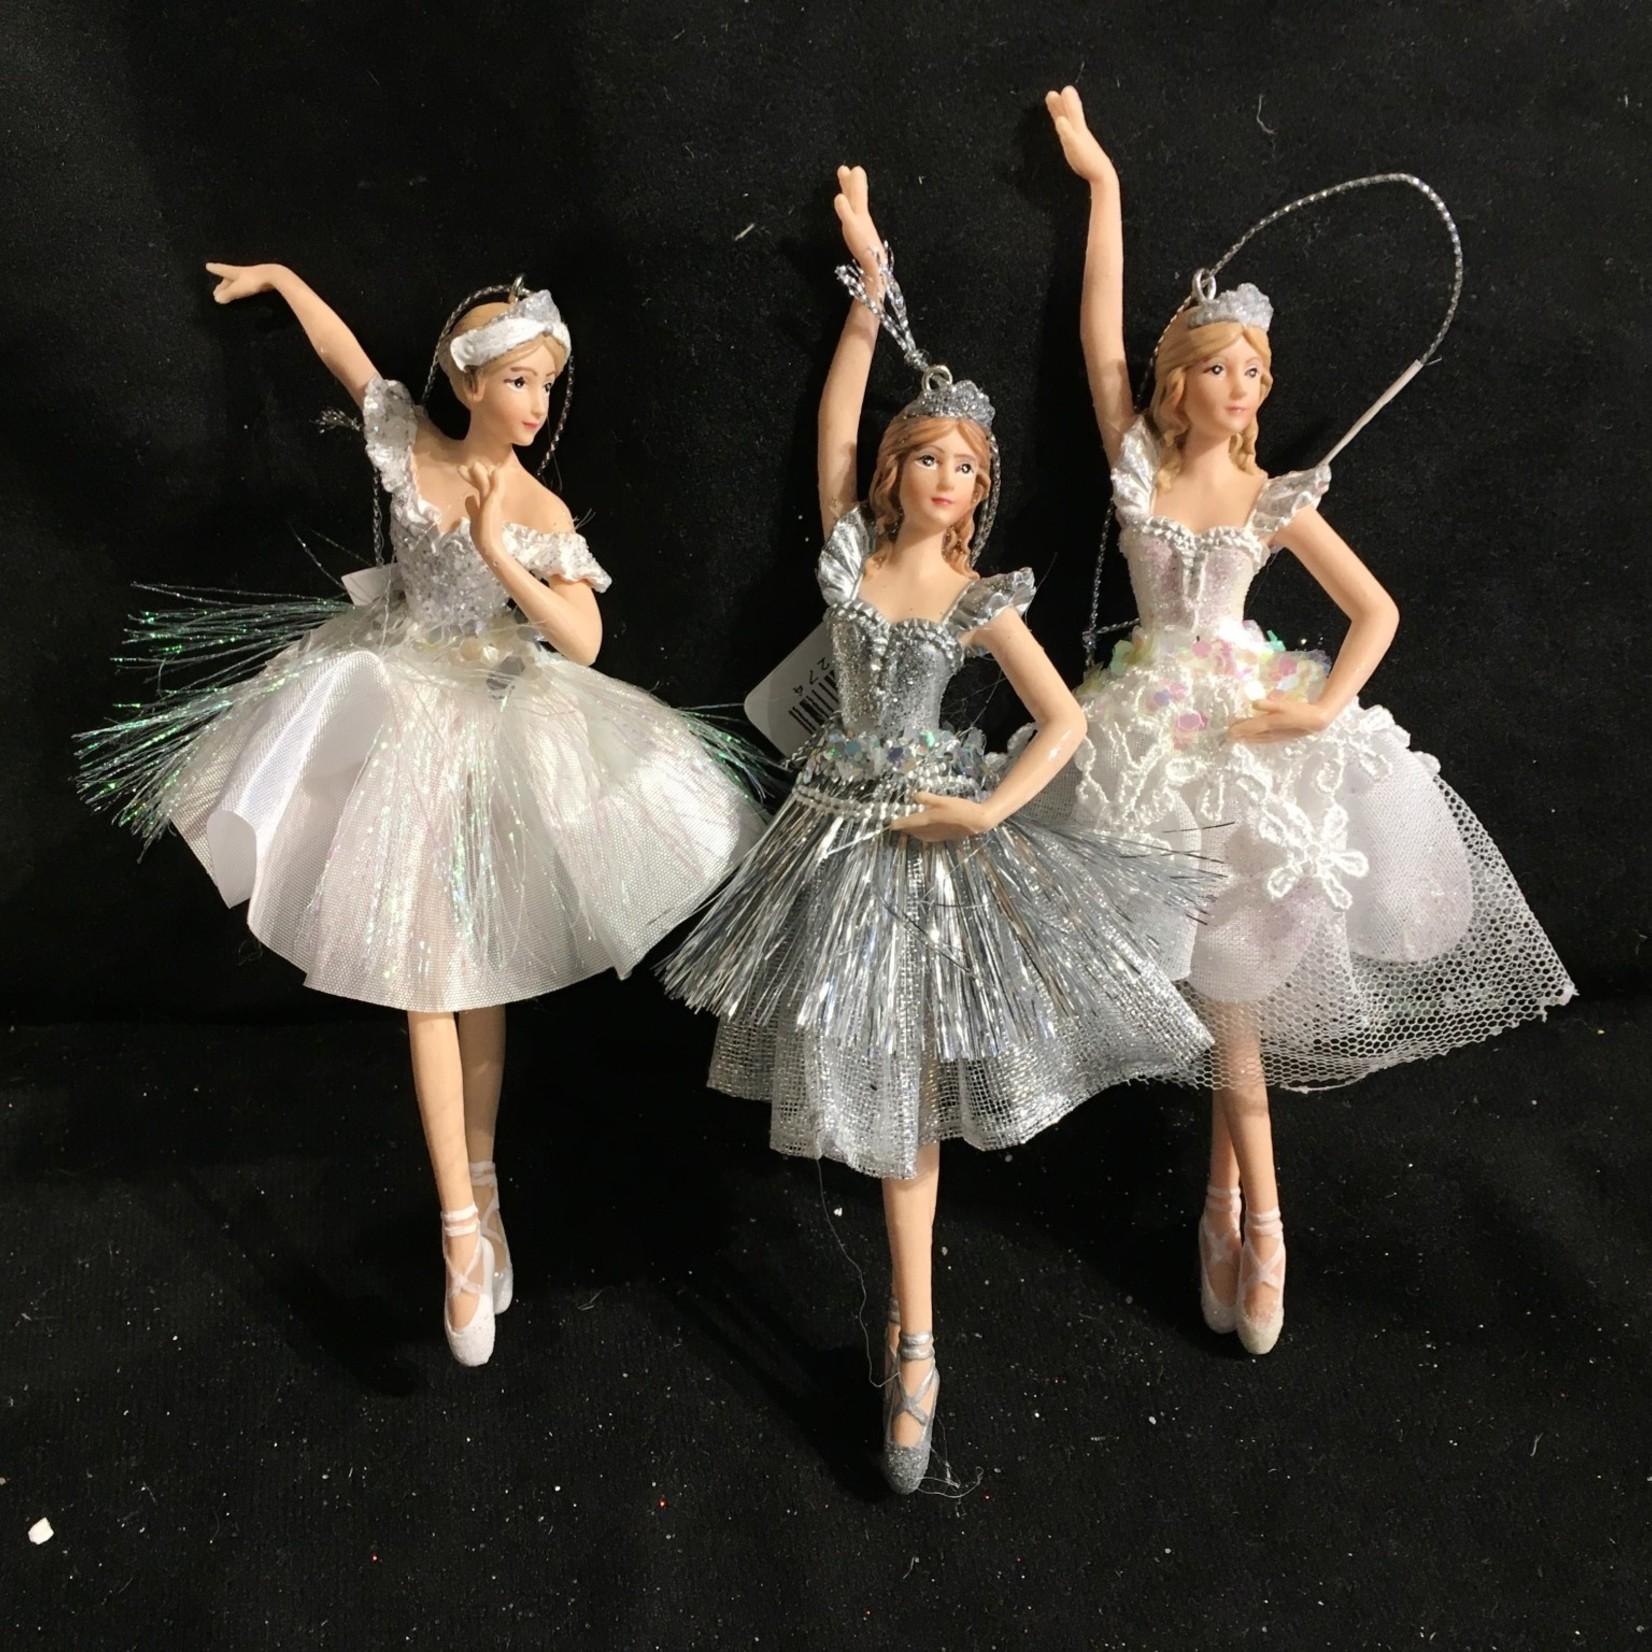 Silver/White Ballet Orn 3A